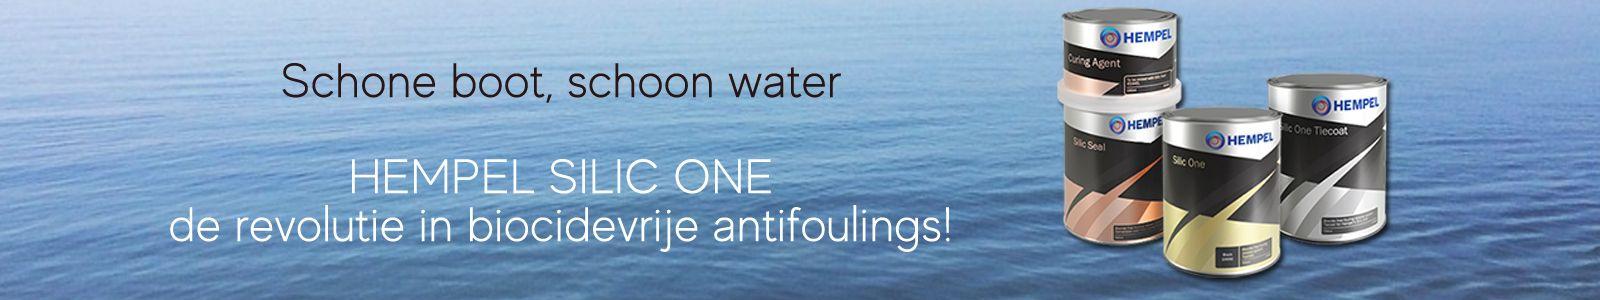 Hempel Silic One schone boot schoon water